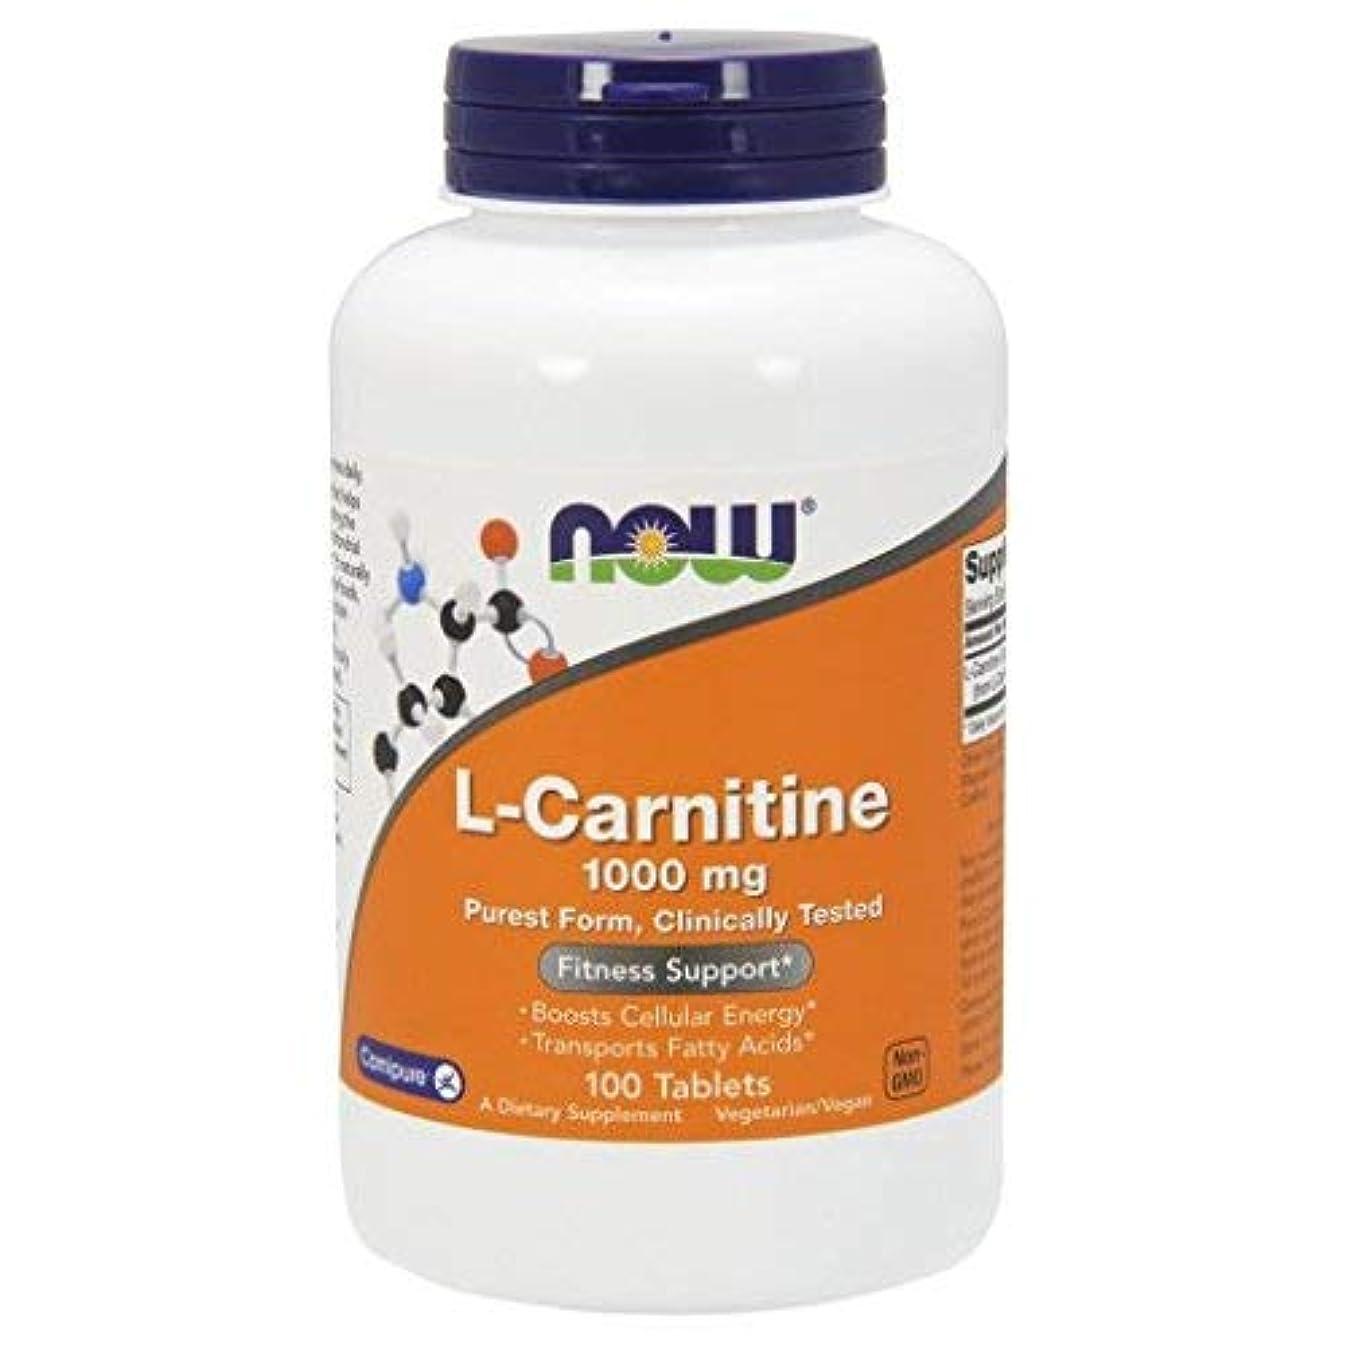 保守的記述する個人的なL-カルニチン(1000mg) 100錠 海外直送品